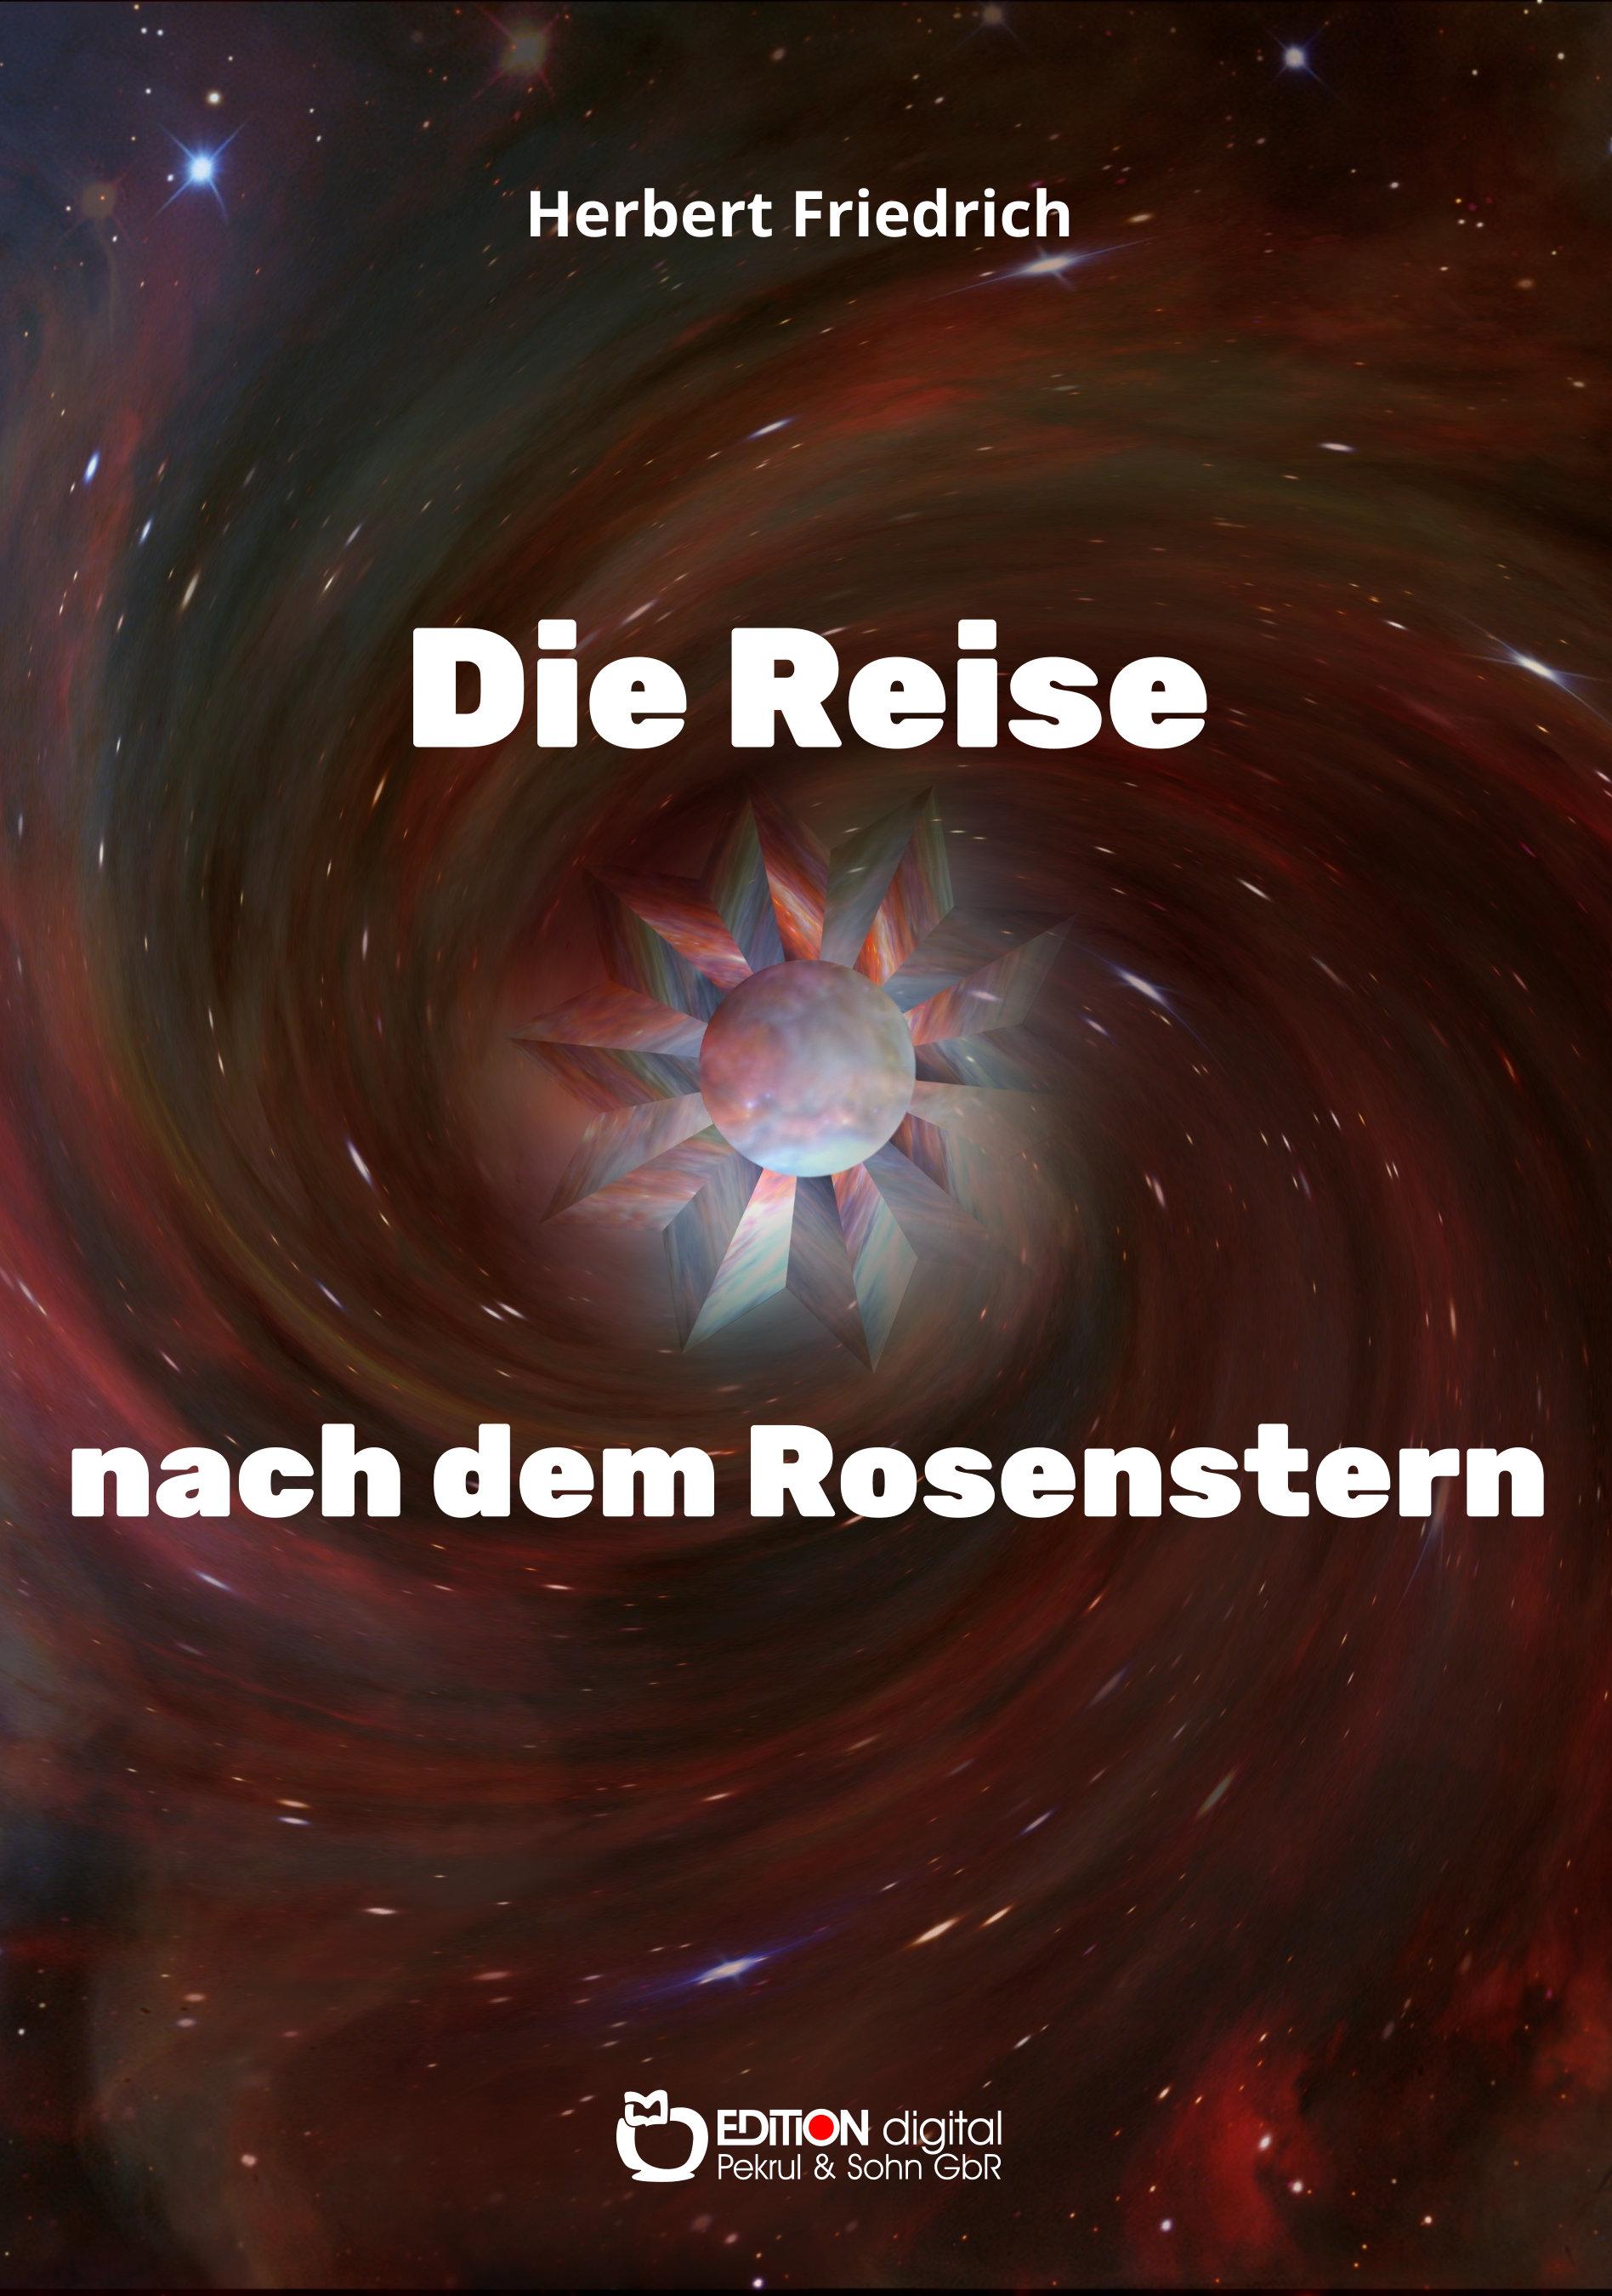 Die Reise nach dem Rosenstern. Ein Märchenbuch von Herbert Friedrich